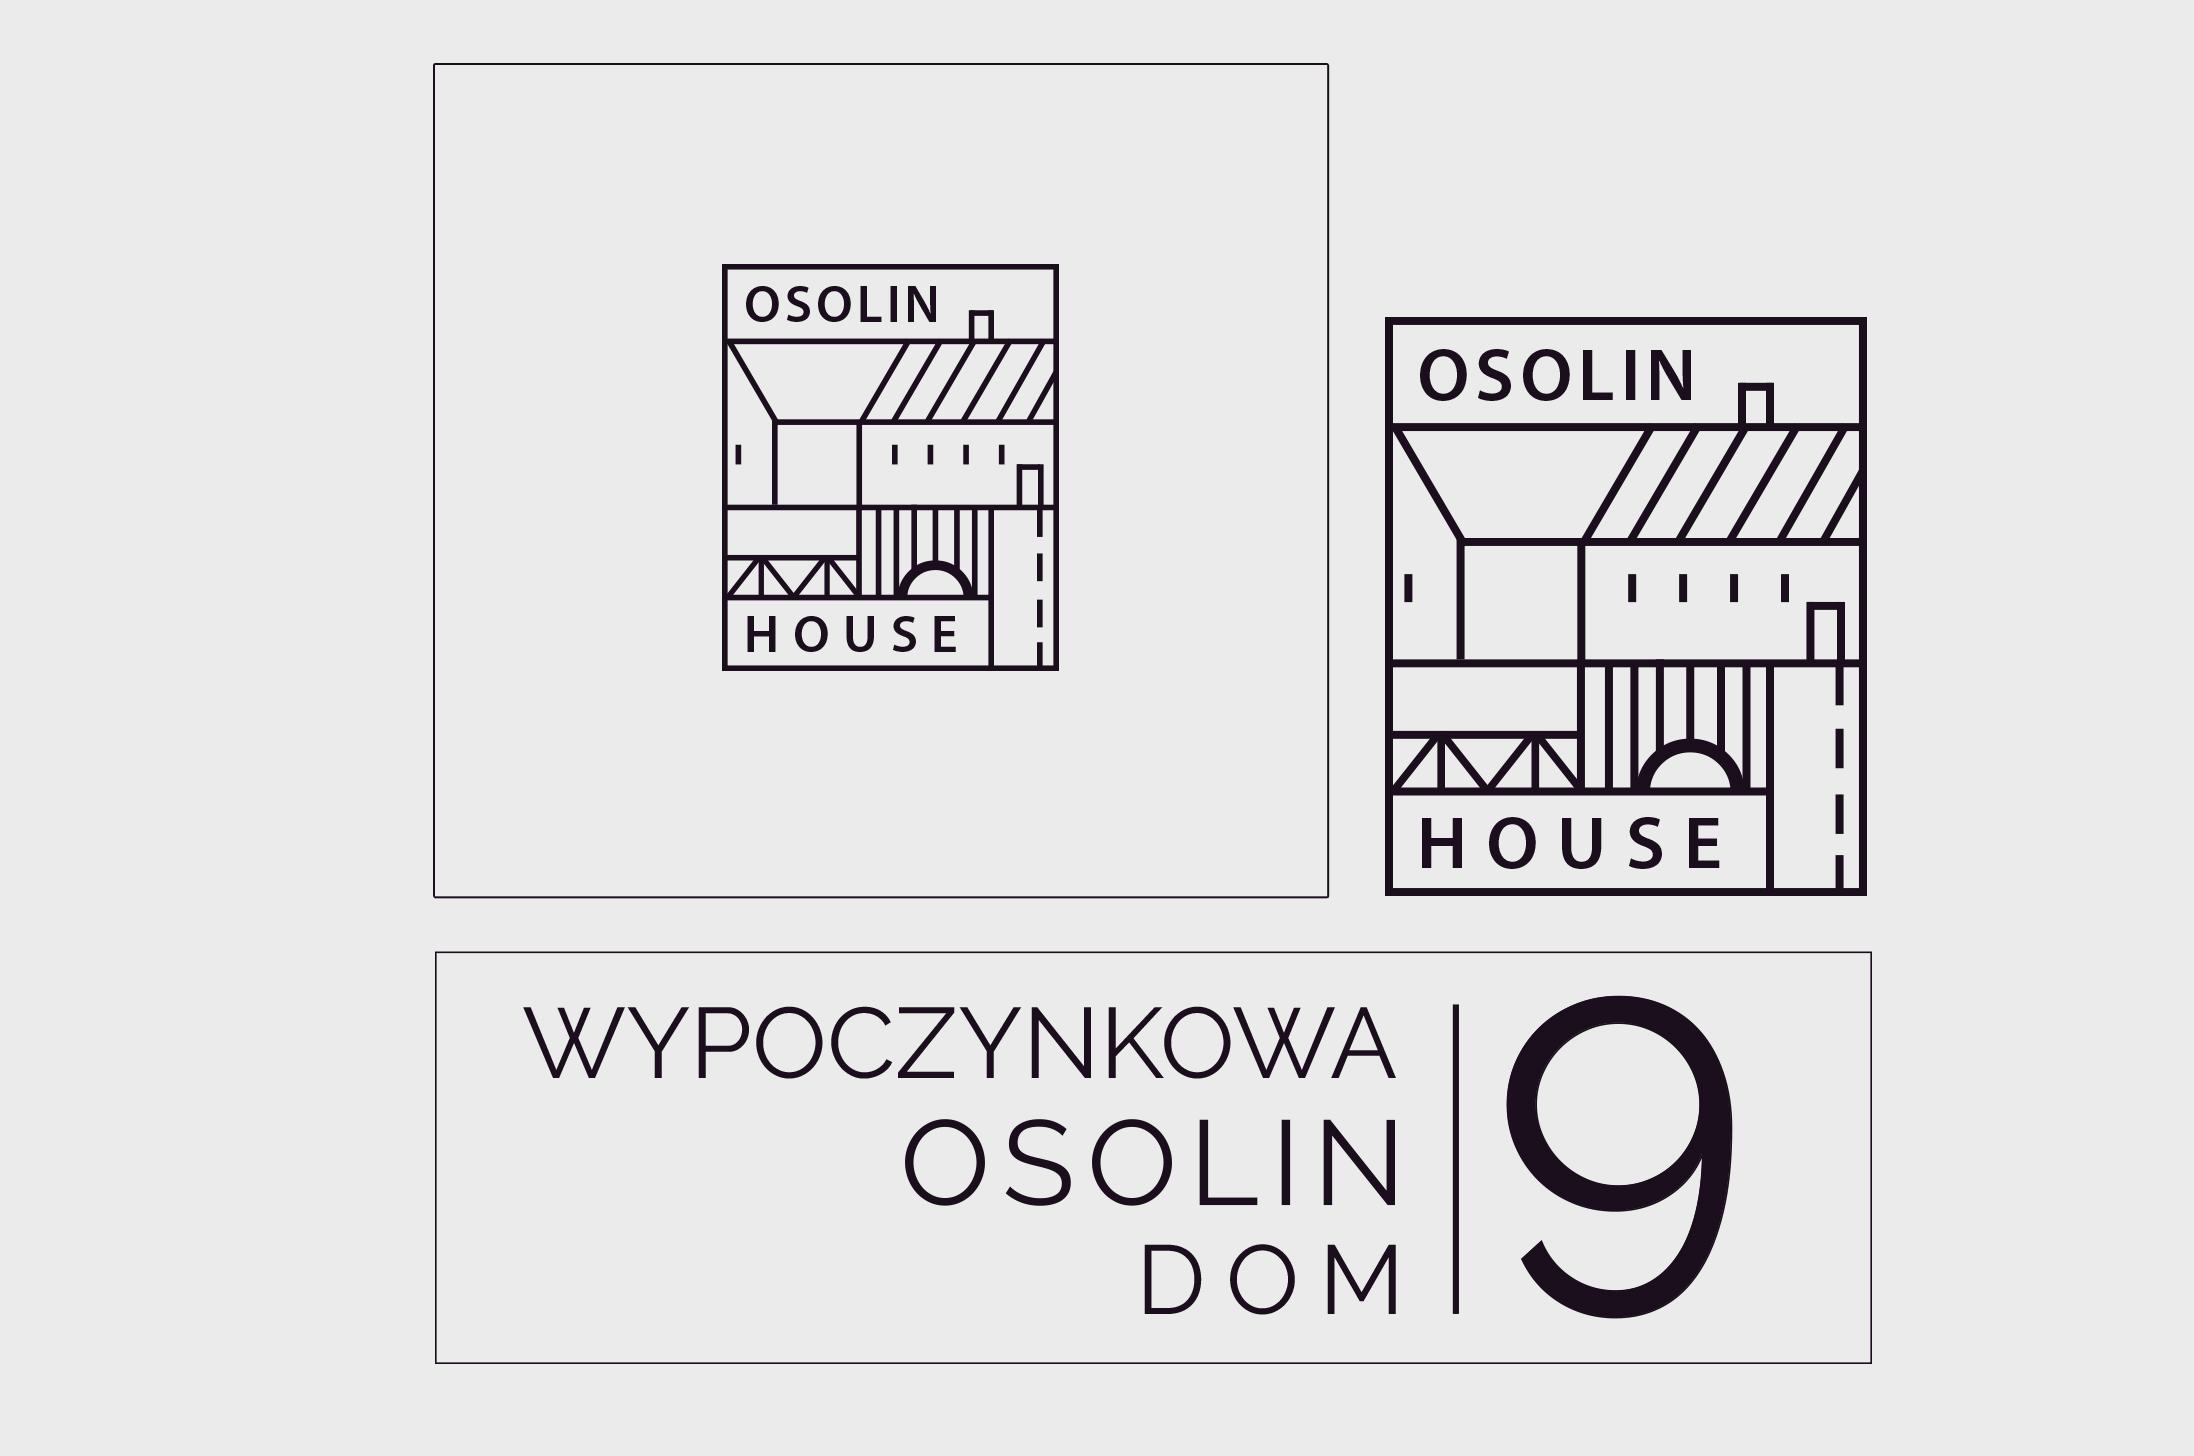 wizual-logo_osolin3